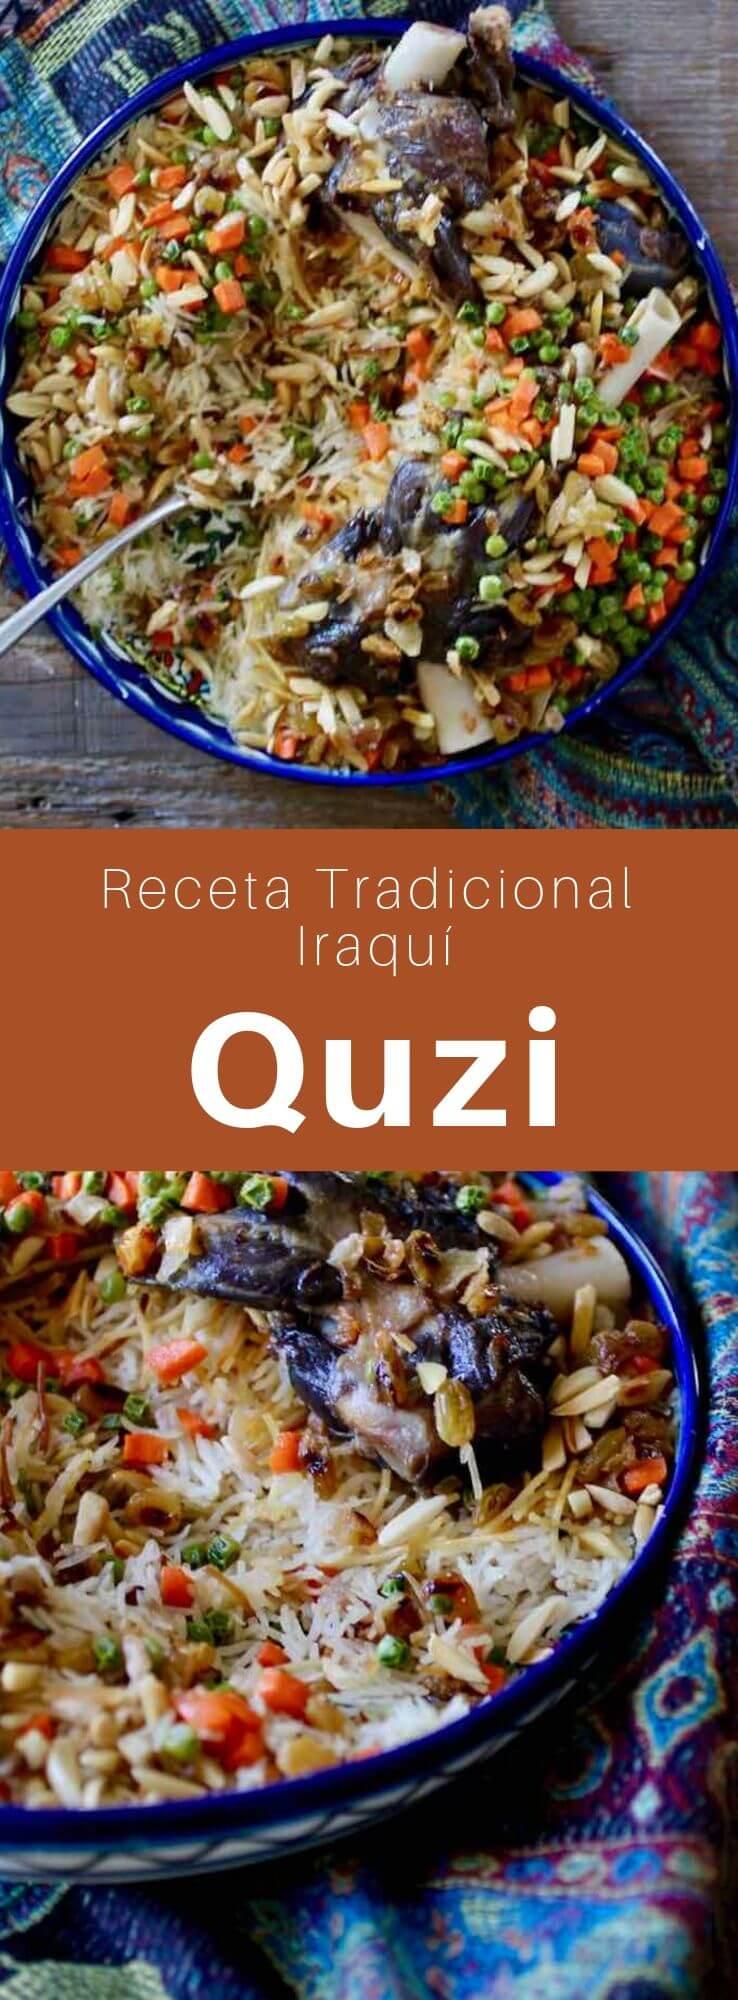 El quzi es un plato popular de Iraq, el Golfo Pérsico y Turquía compuesto de arroz y cordero, y adornado con almendras, pasas y huevos.